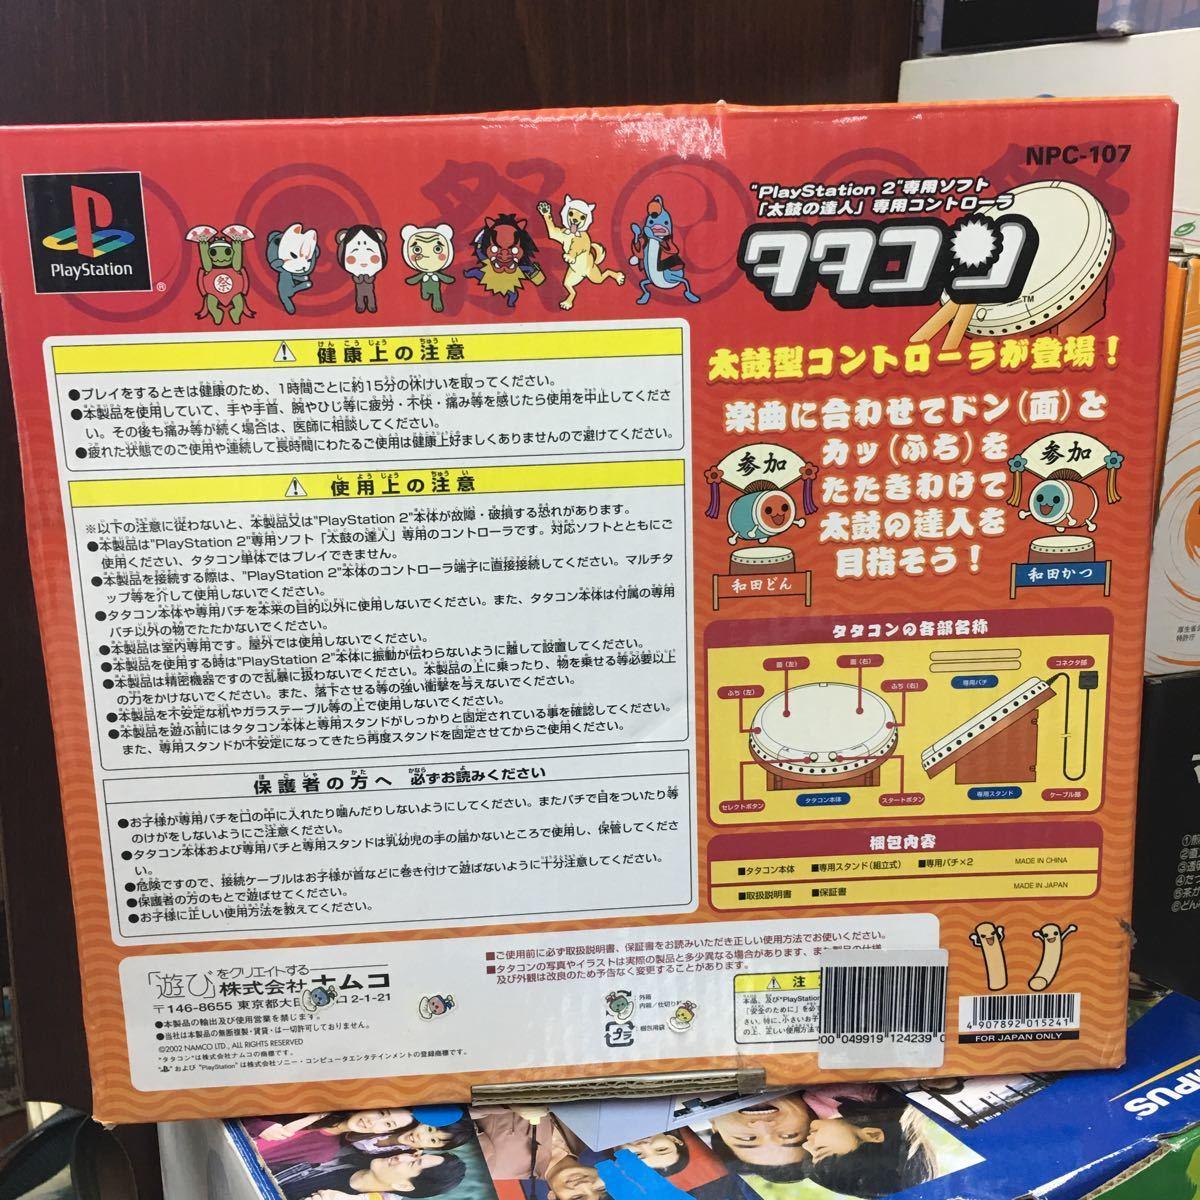 中古 PLAY STATION 2専用ソフト 太鼓の達人 専用コントローラ タタコン_画像2